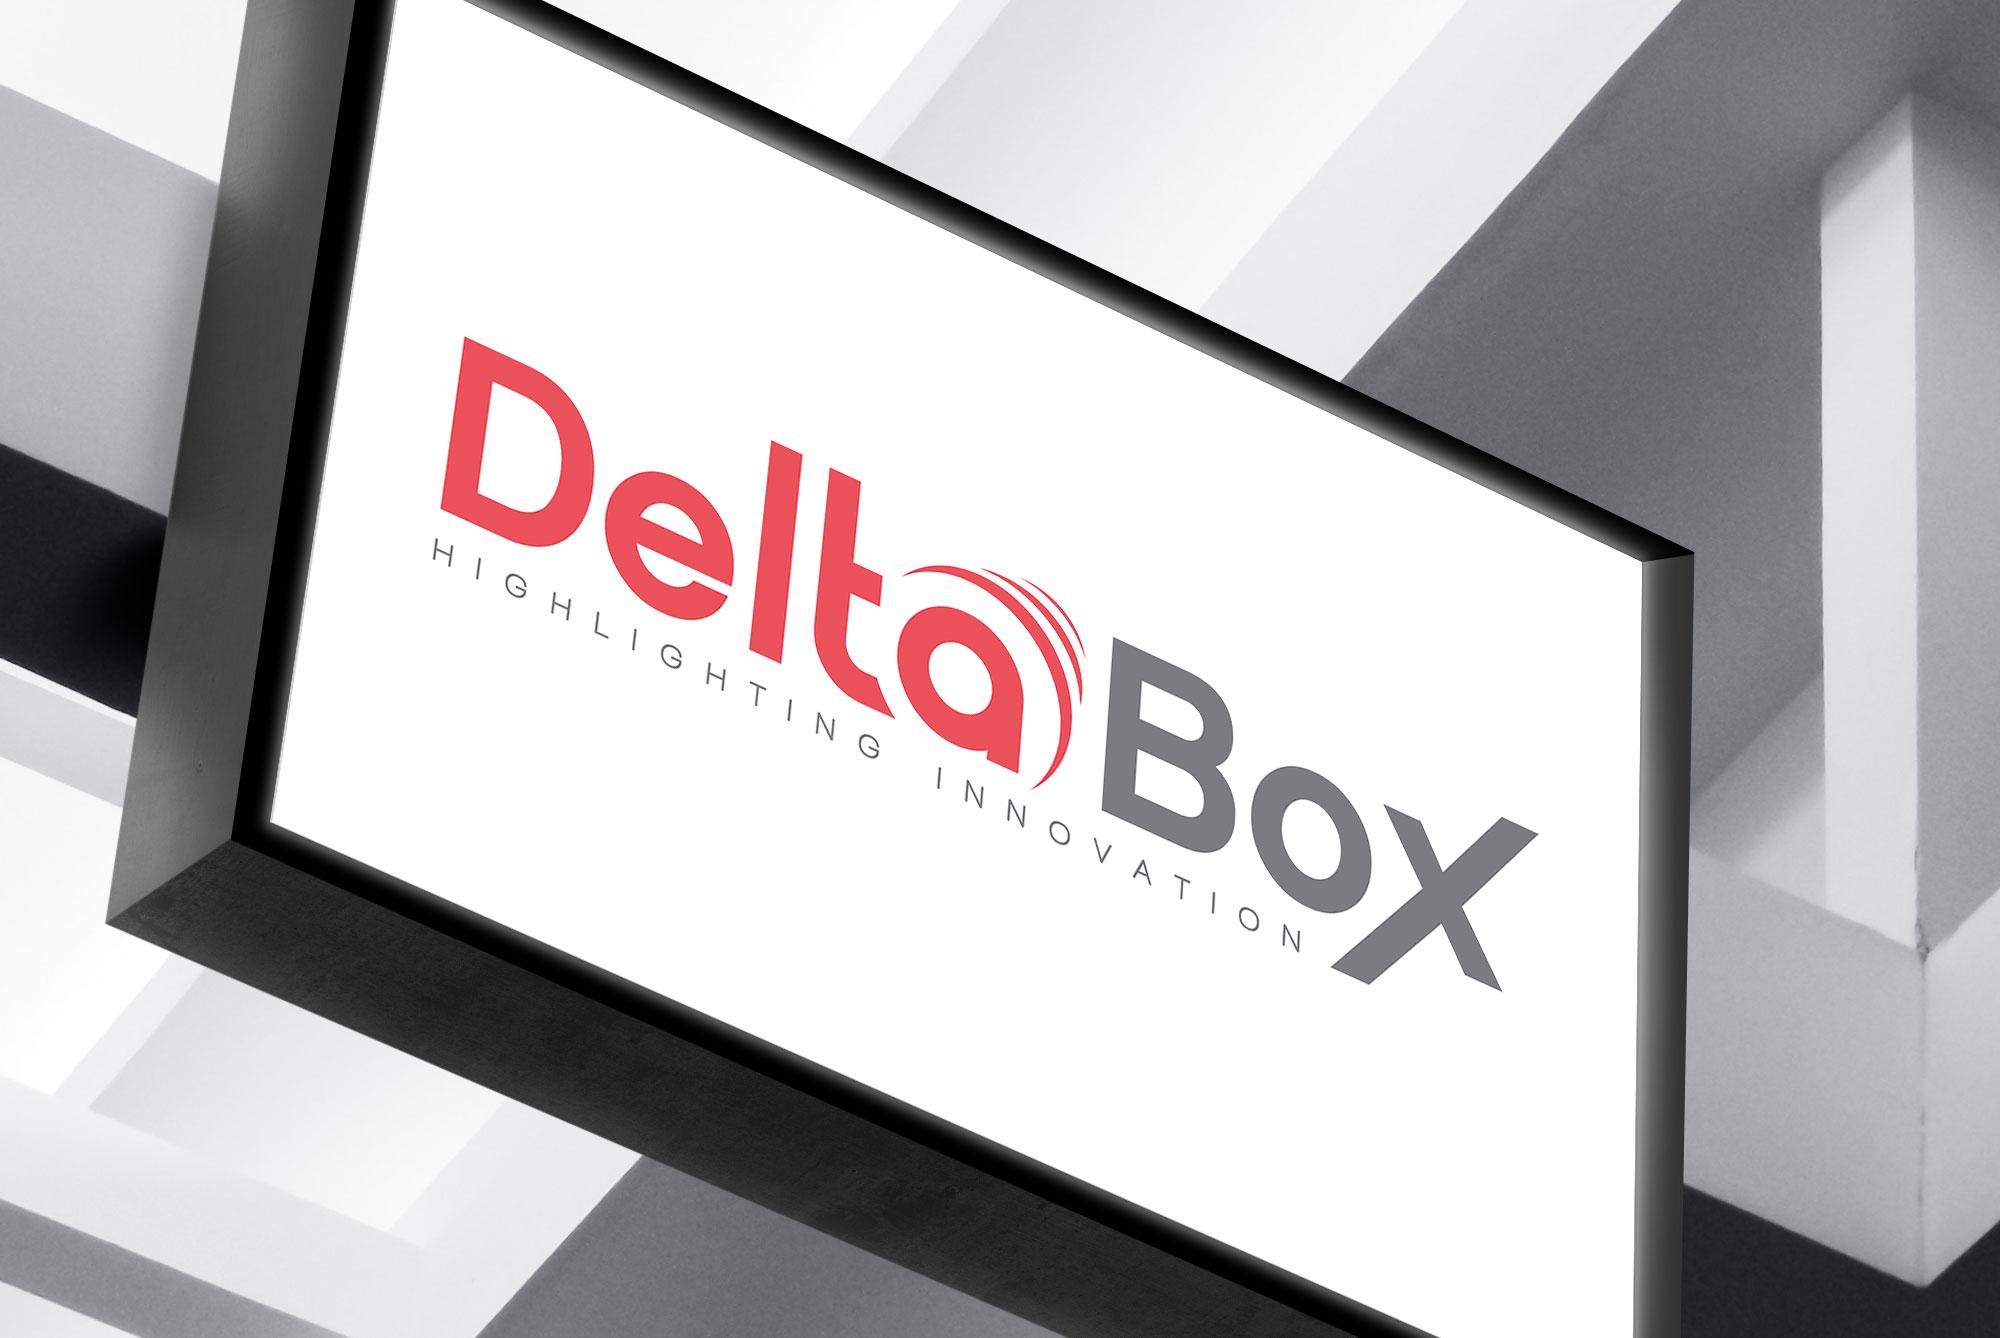 ikadia_deltabox_fond9.jpg